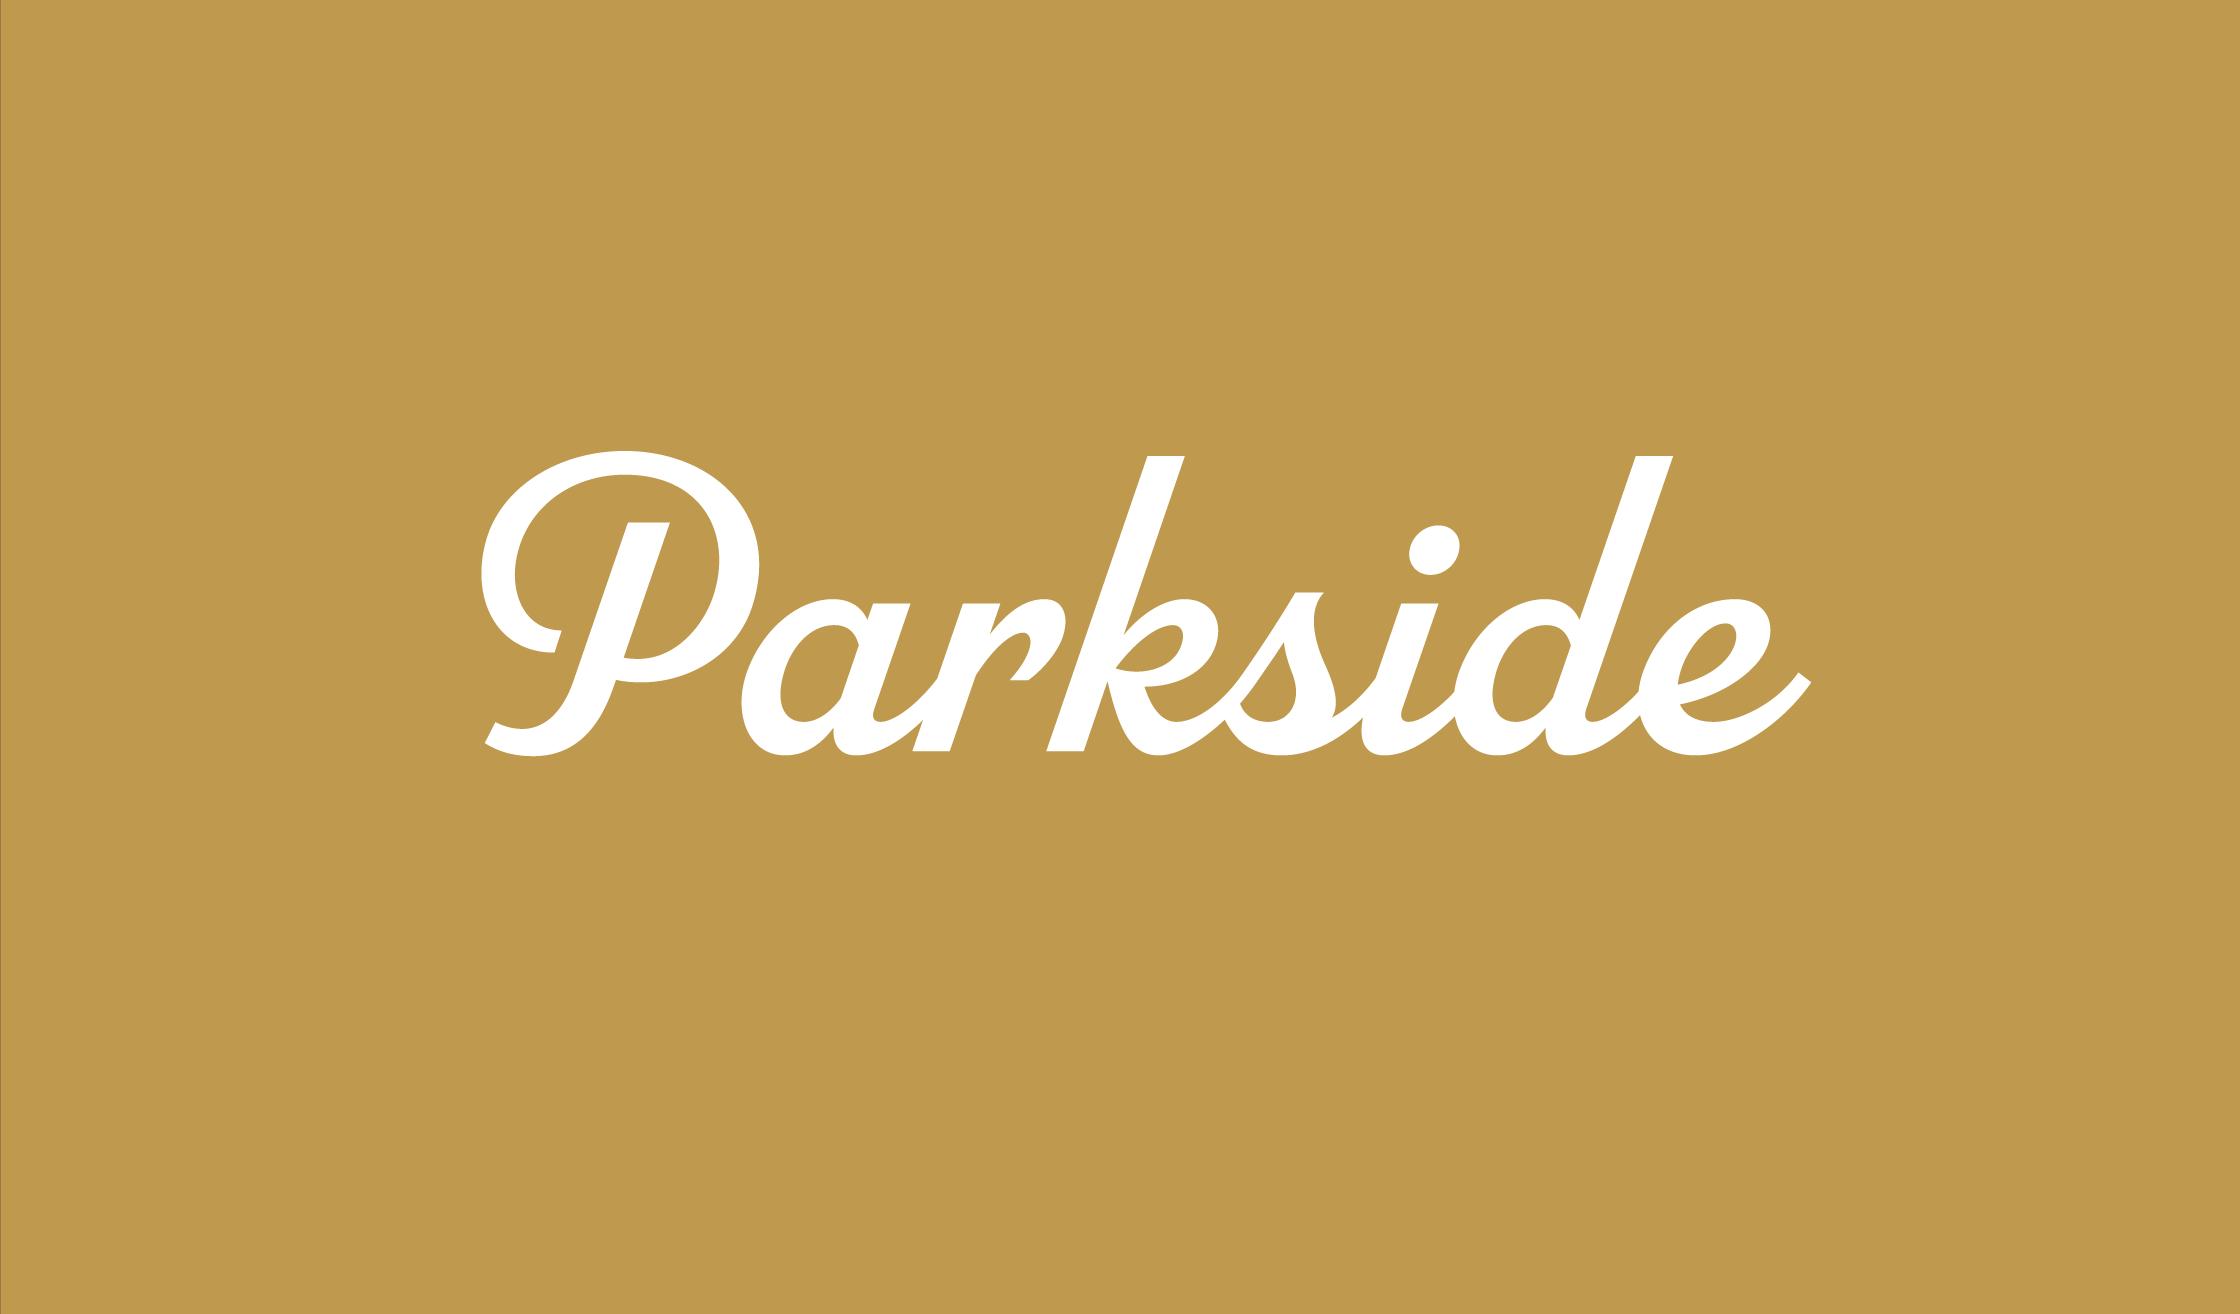 Parkside Banner Name